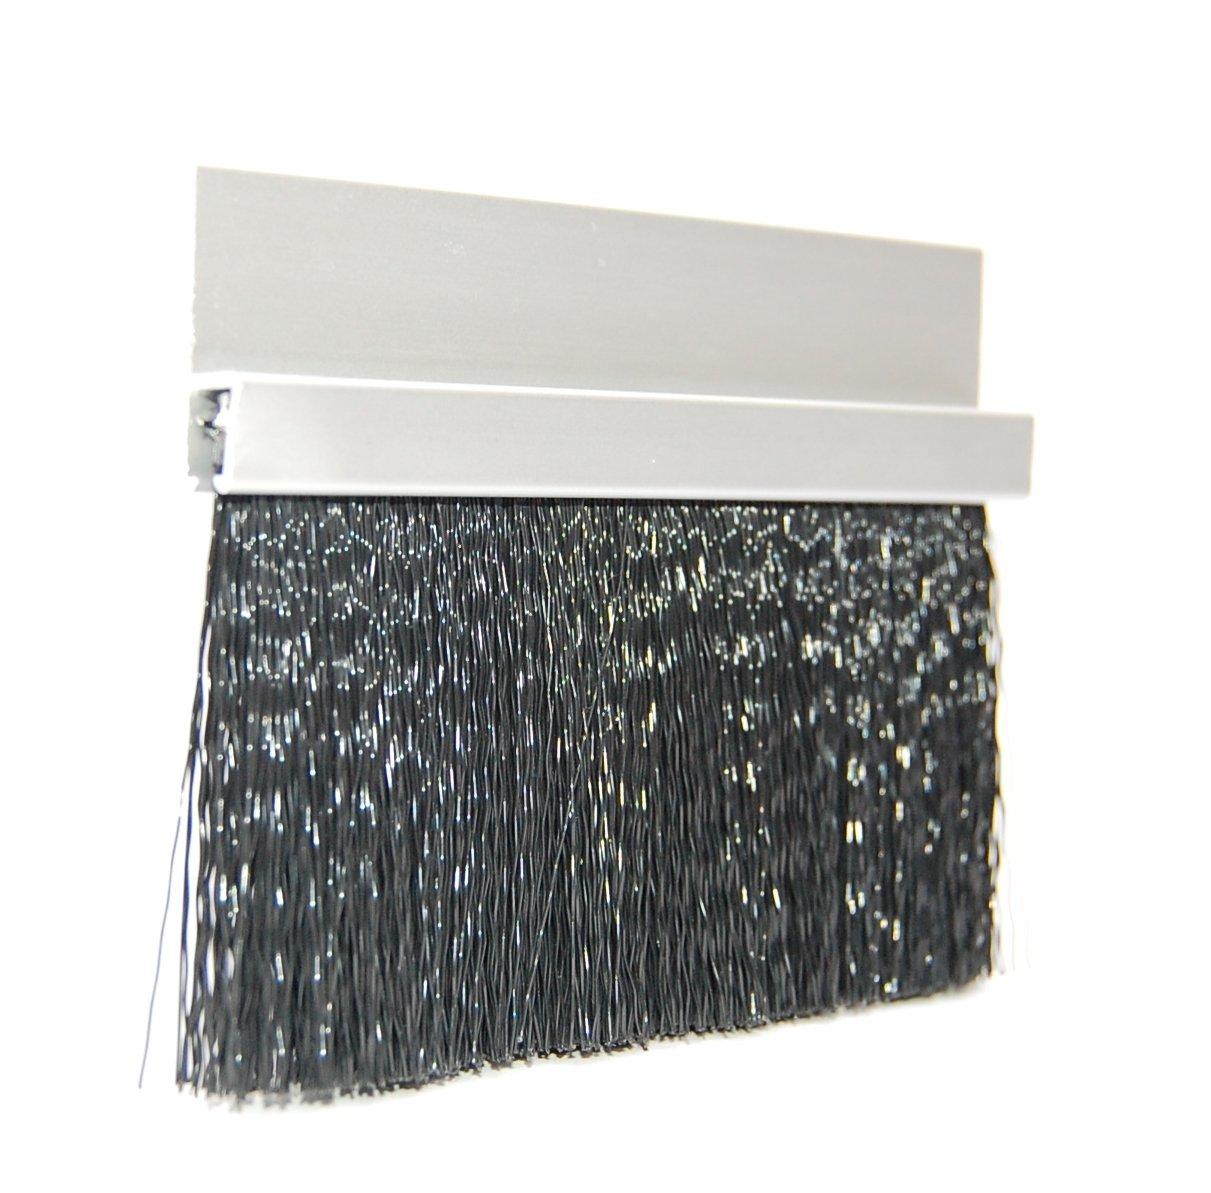 JaCor Medium-Duty Brush Seal; Clear Aluminum Straight Holder, Black Polypropylene Brush; 2.0'' Brush x 1.0'' Holder (180deg) x 96'' Long